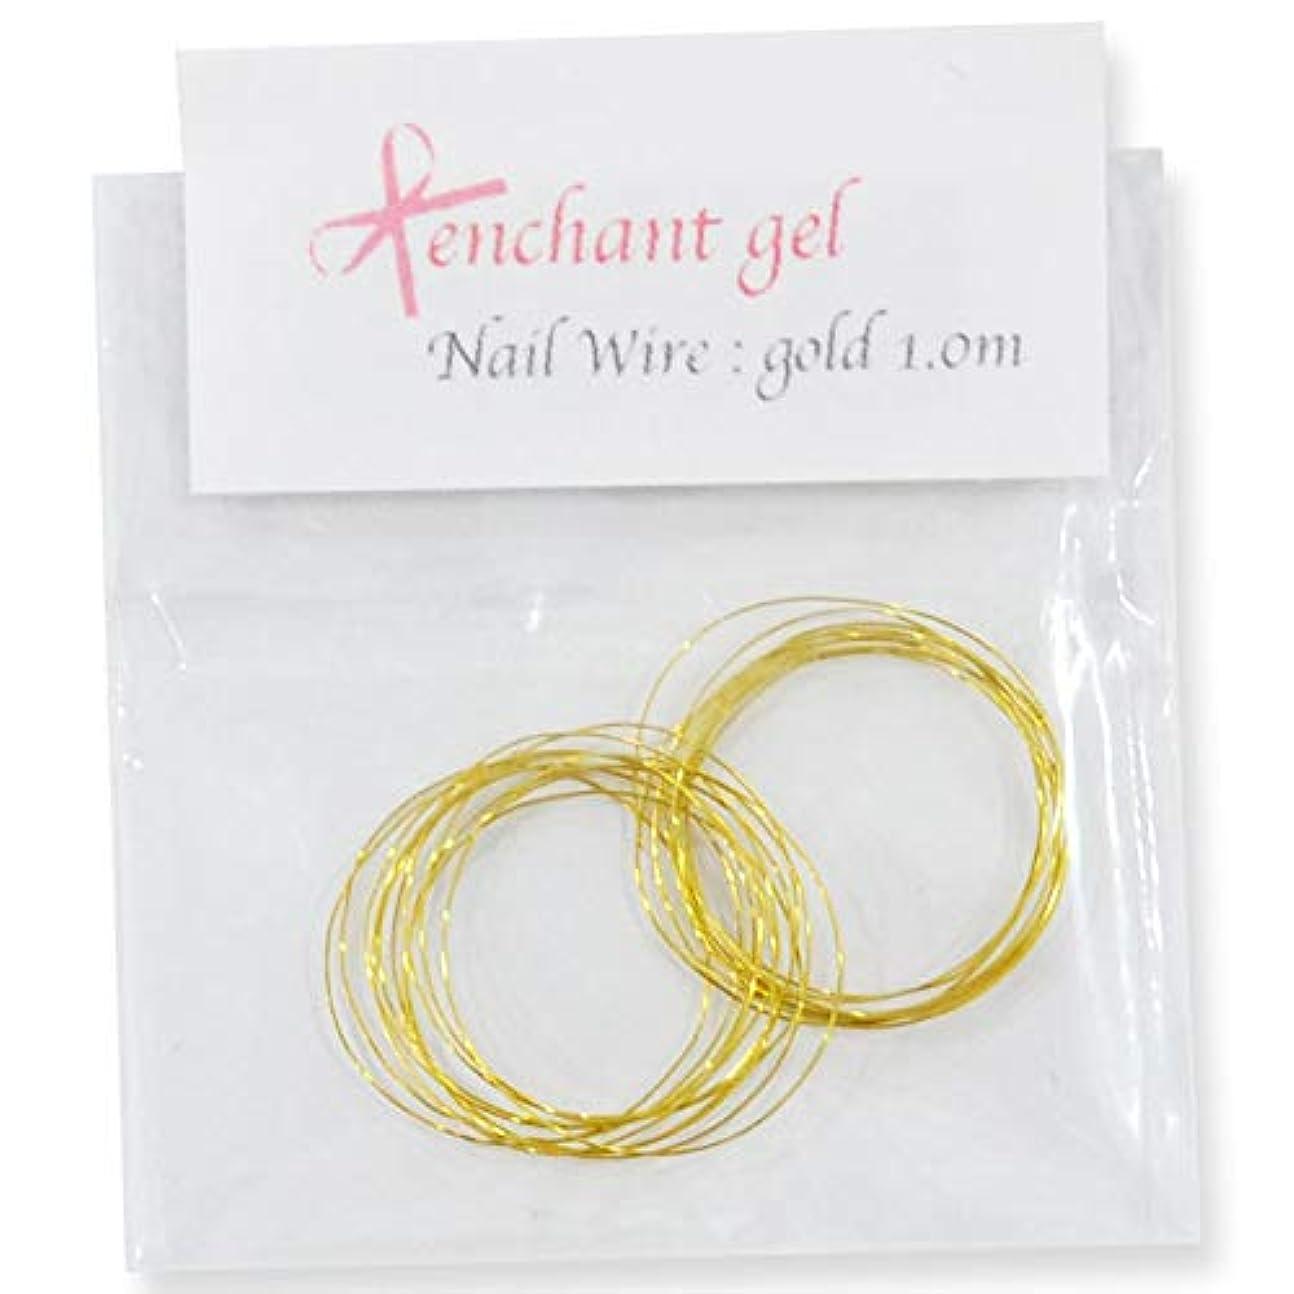 間違いなくタイヤ怠感ネイルワイヤー 太さ0.2mm 長さ1.0m ゴールド エンチャントジェル